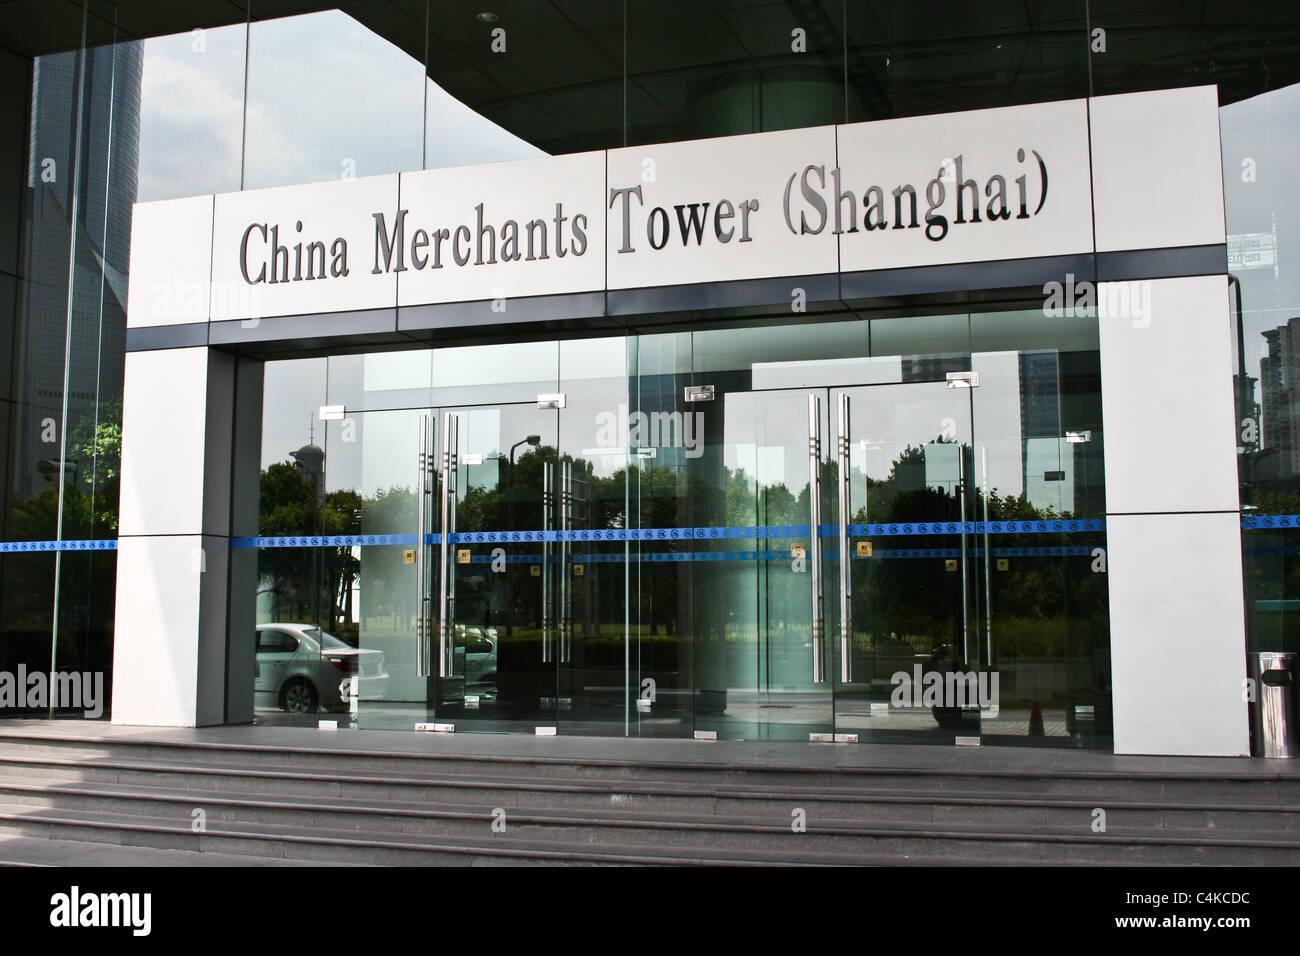 China Merchants Tower ( Shanghai ) Pudong China - Stock Image